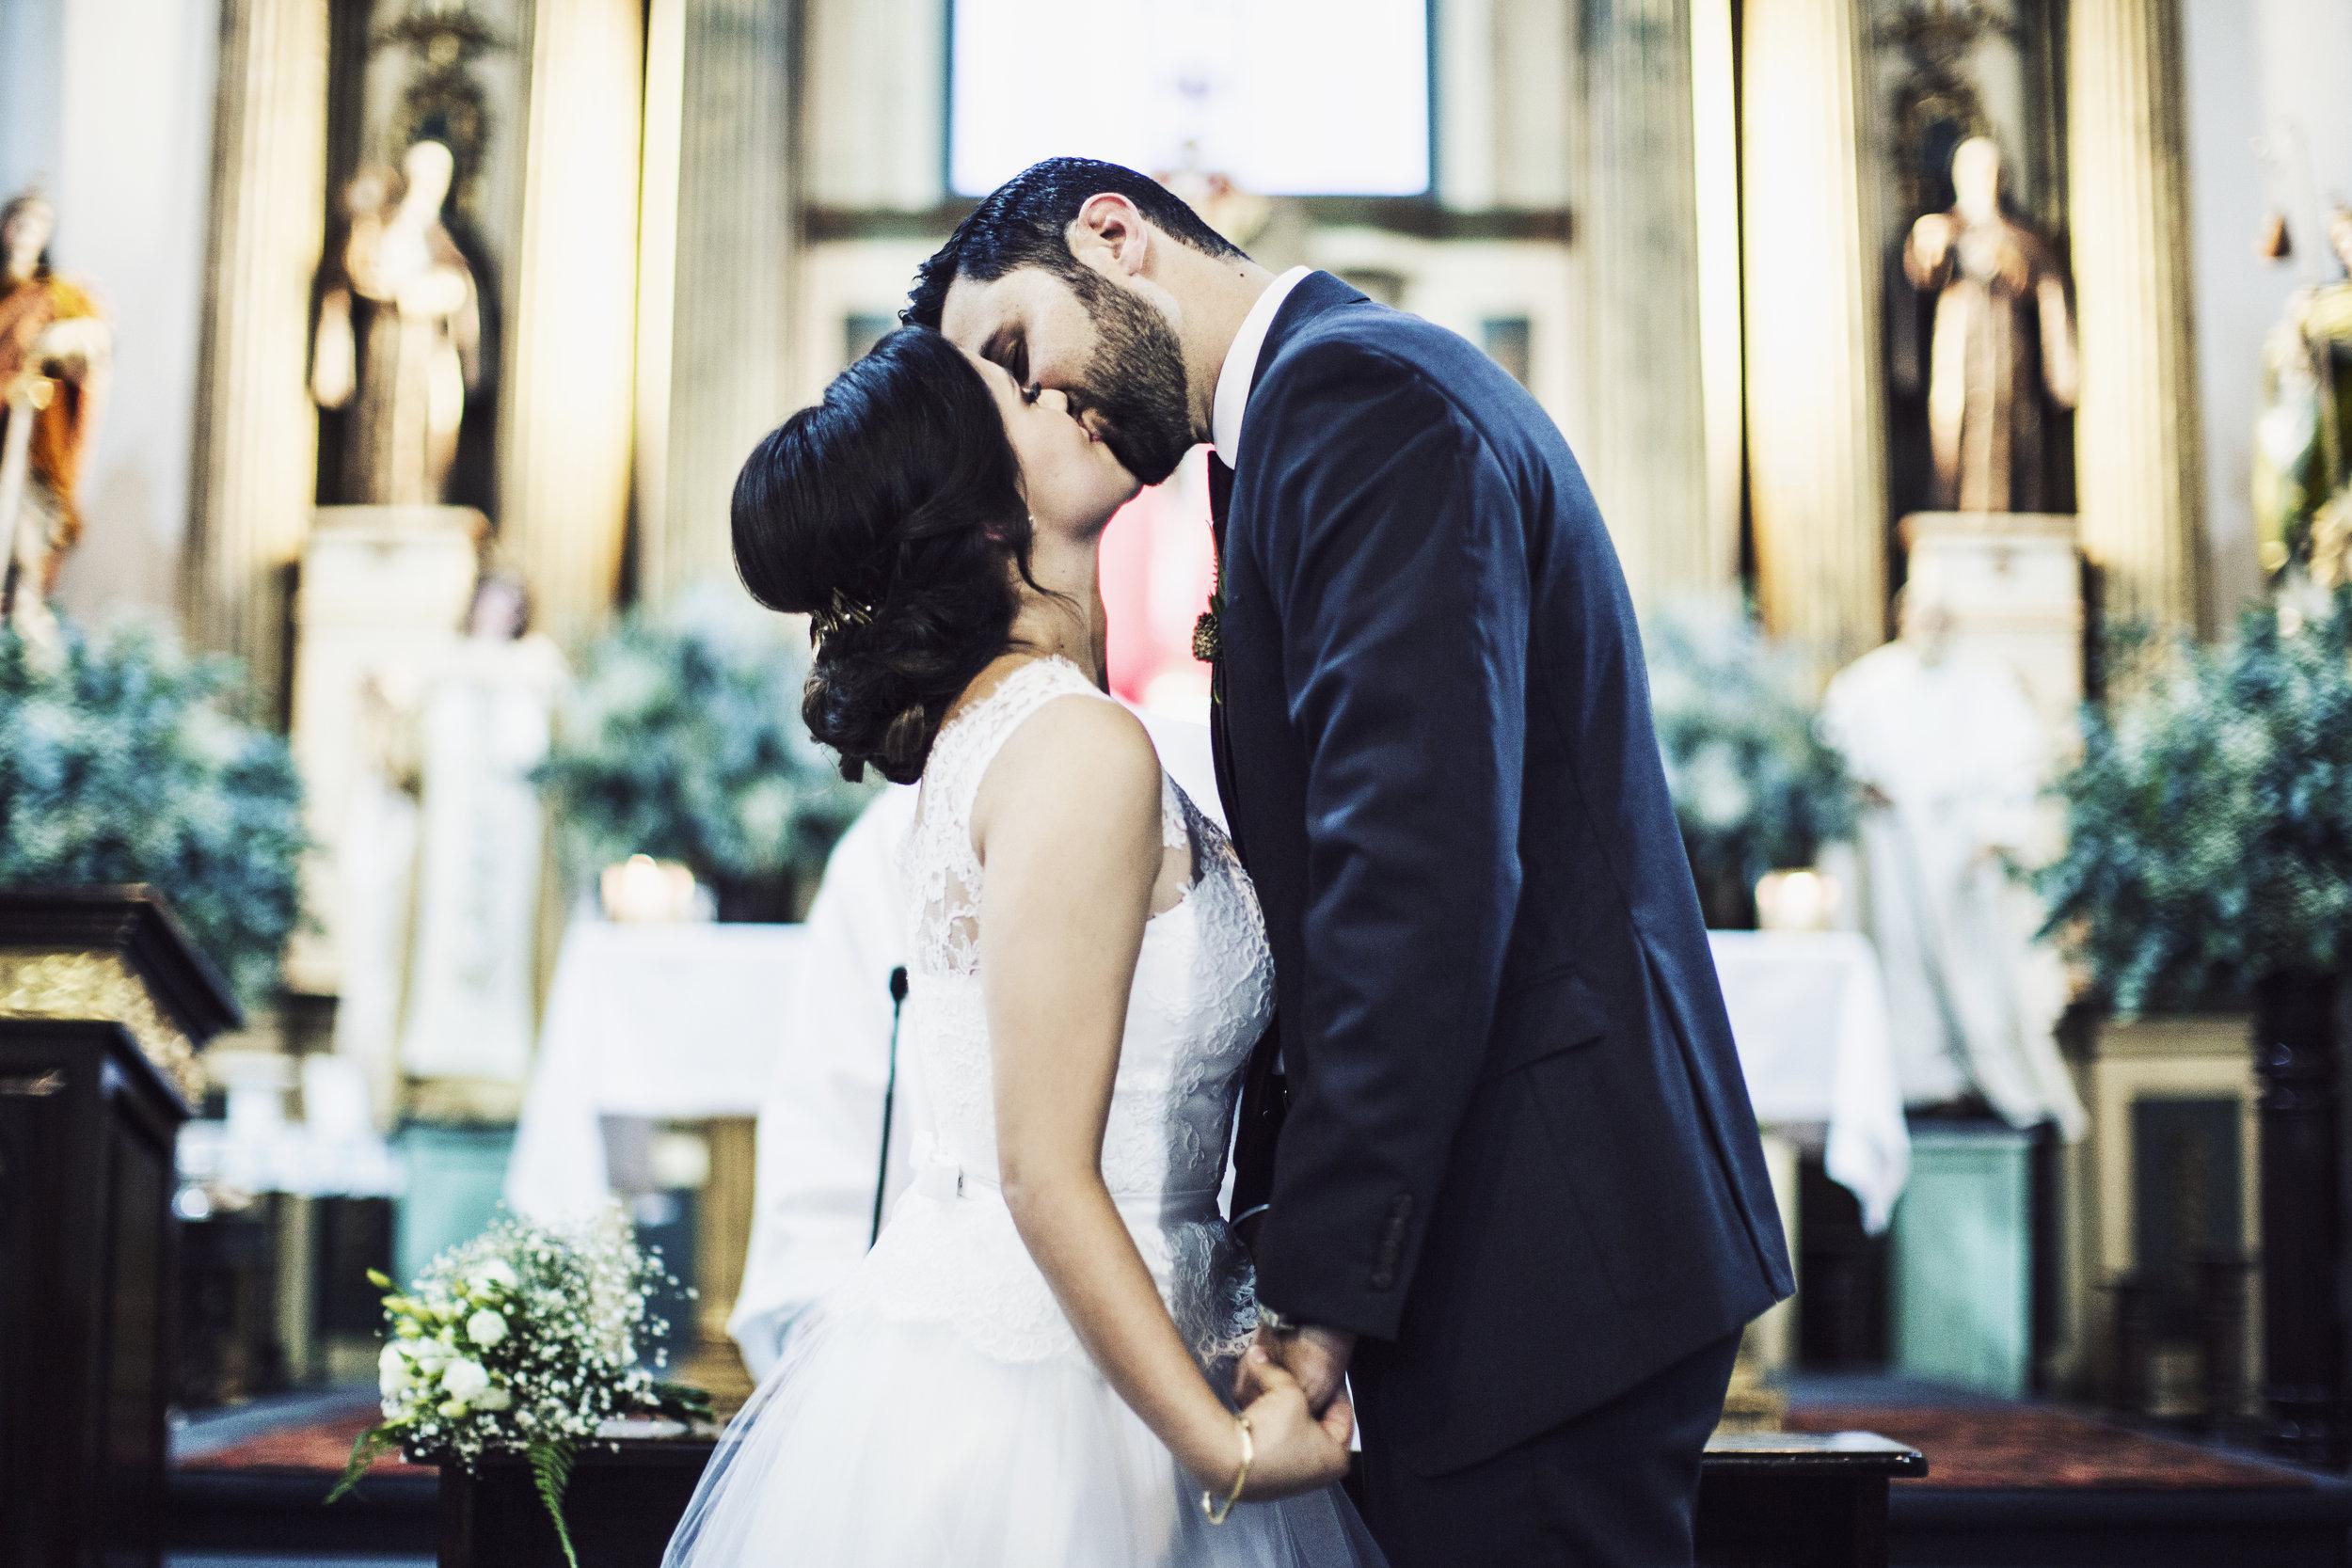 Regina +Ricardo: Religious